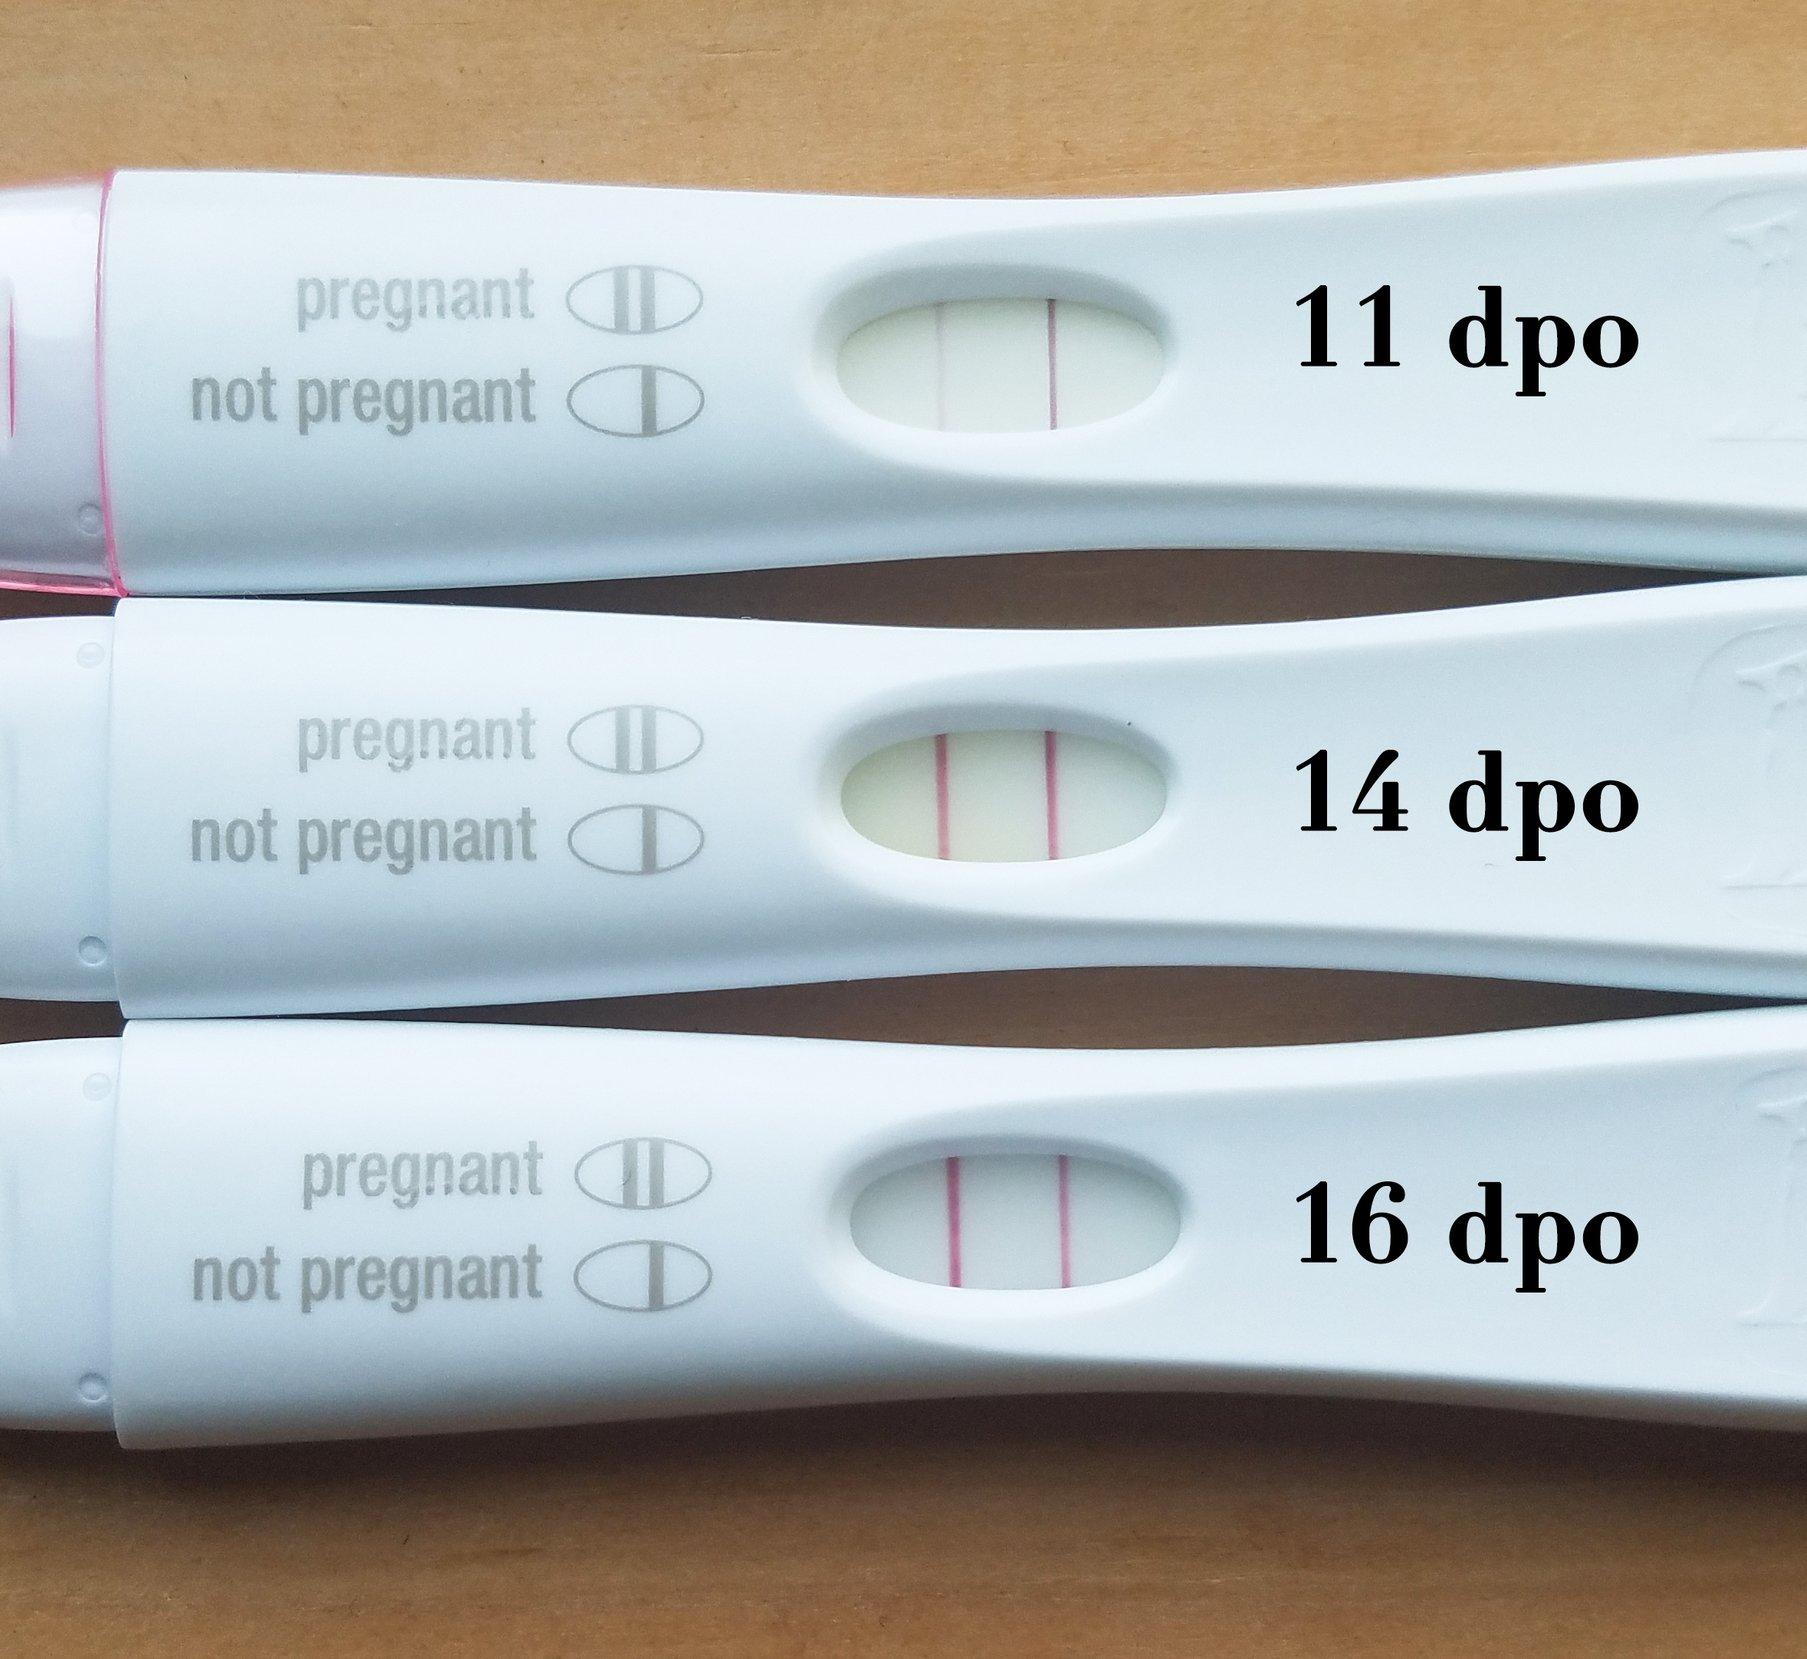 Pregnancy Test By Dpo - Pregnancy Symptoms